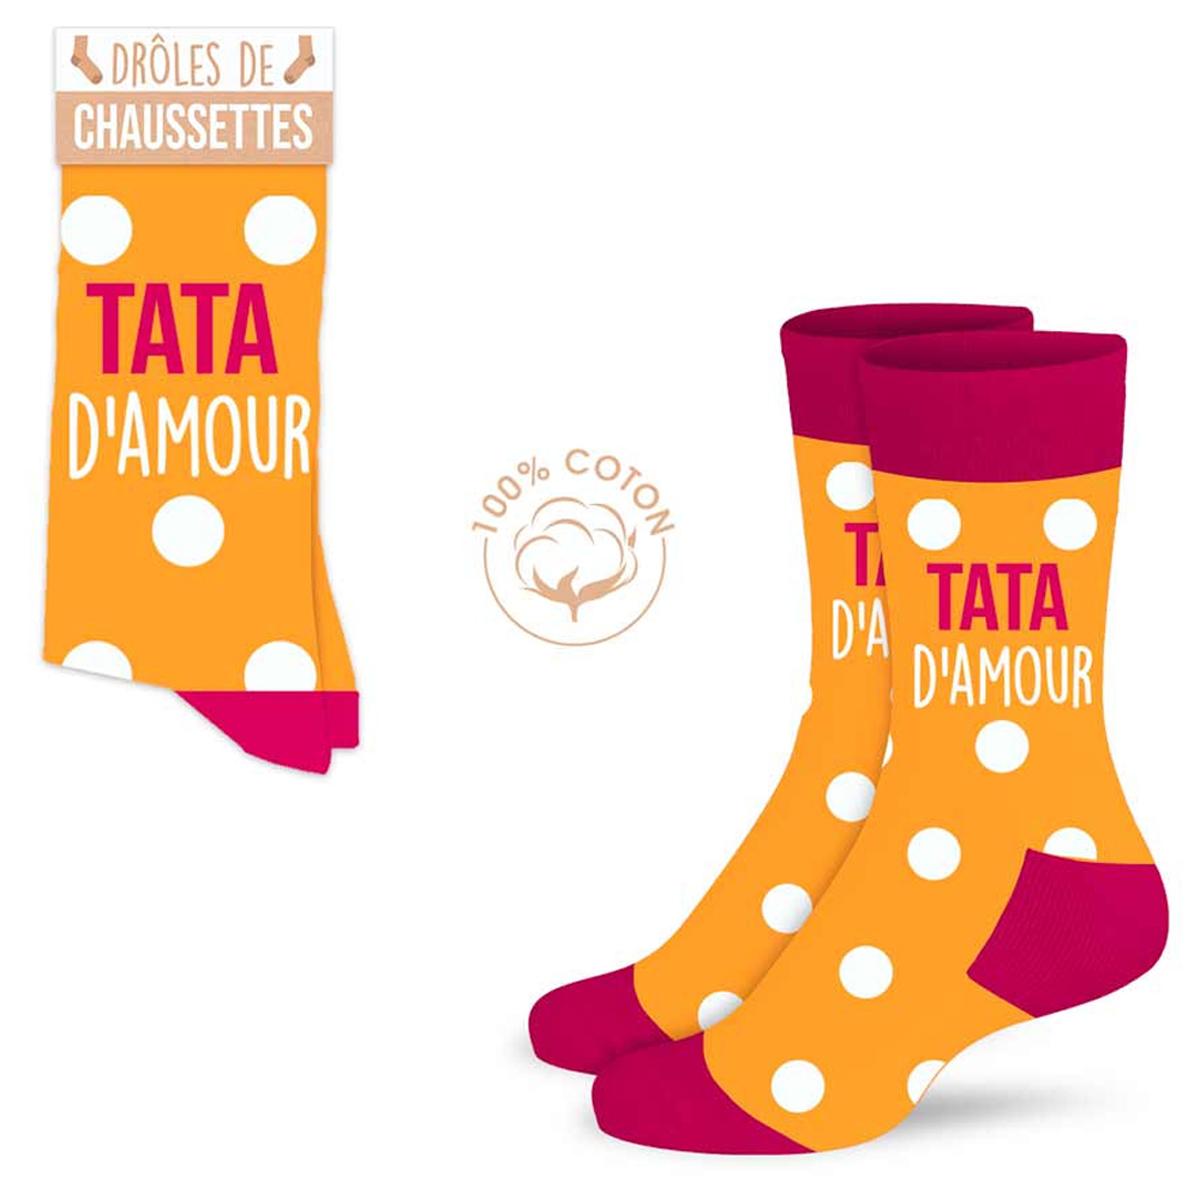 Chaussettes coton tendresse \'Tata d\'amour\' orange - taille unique - [A0916]